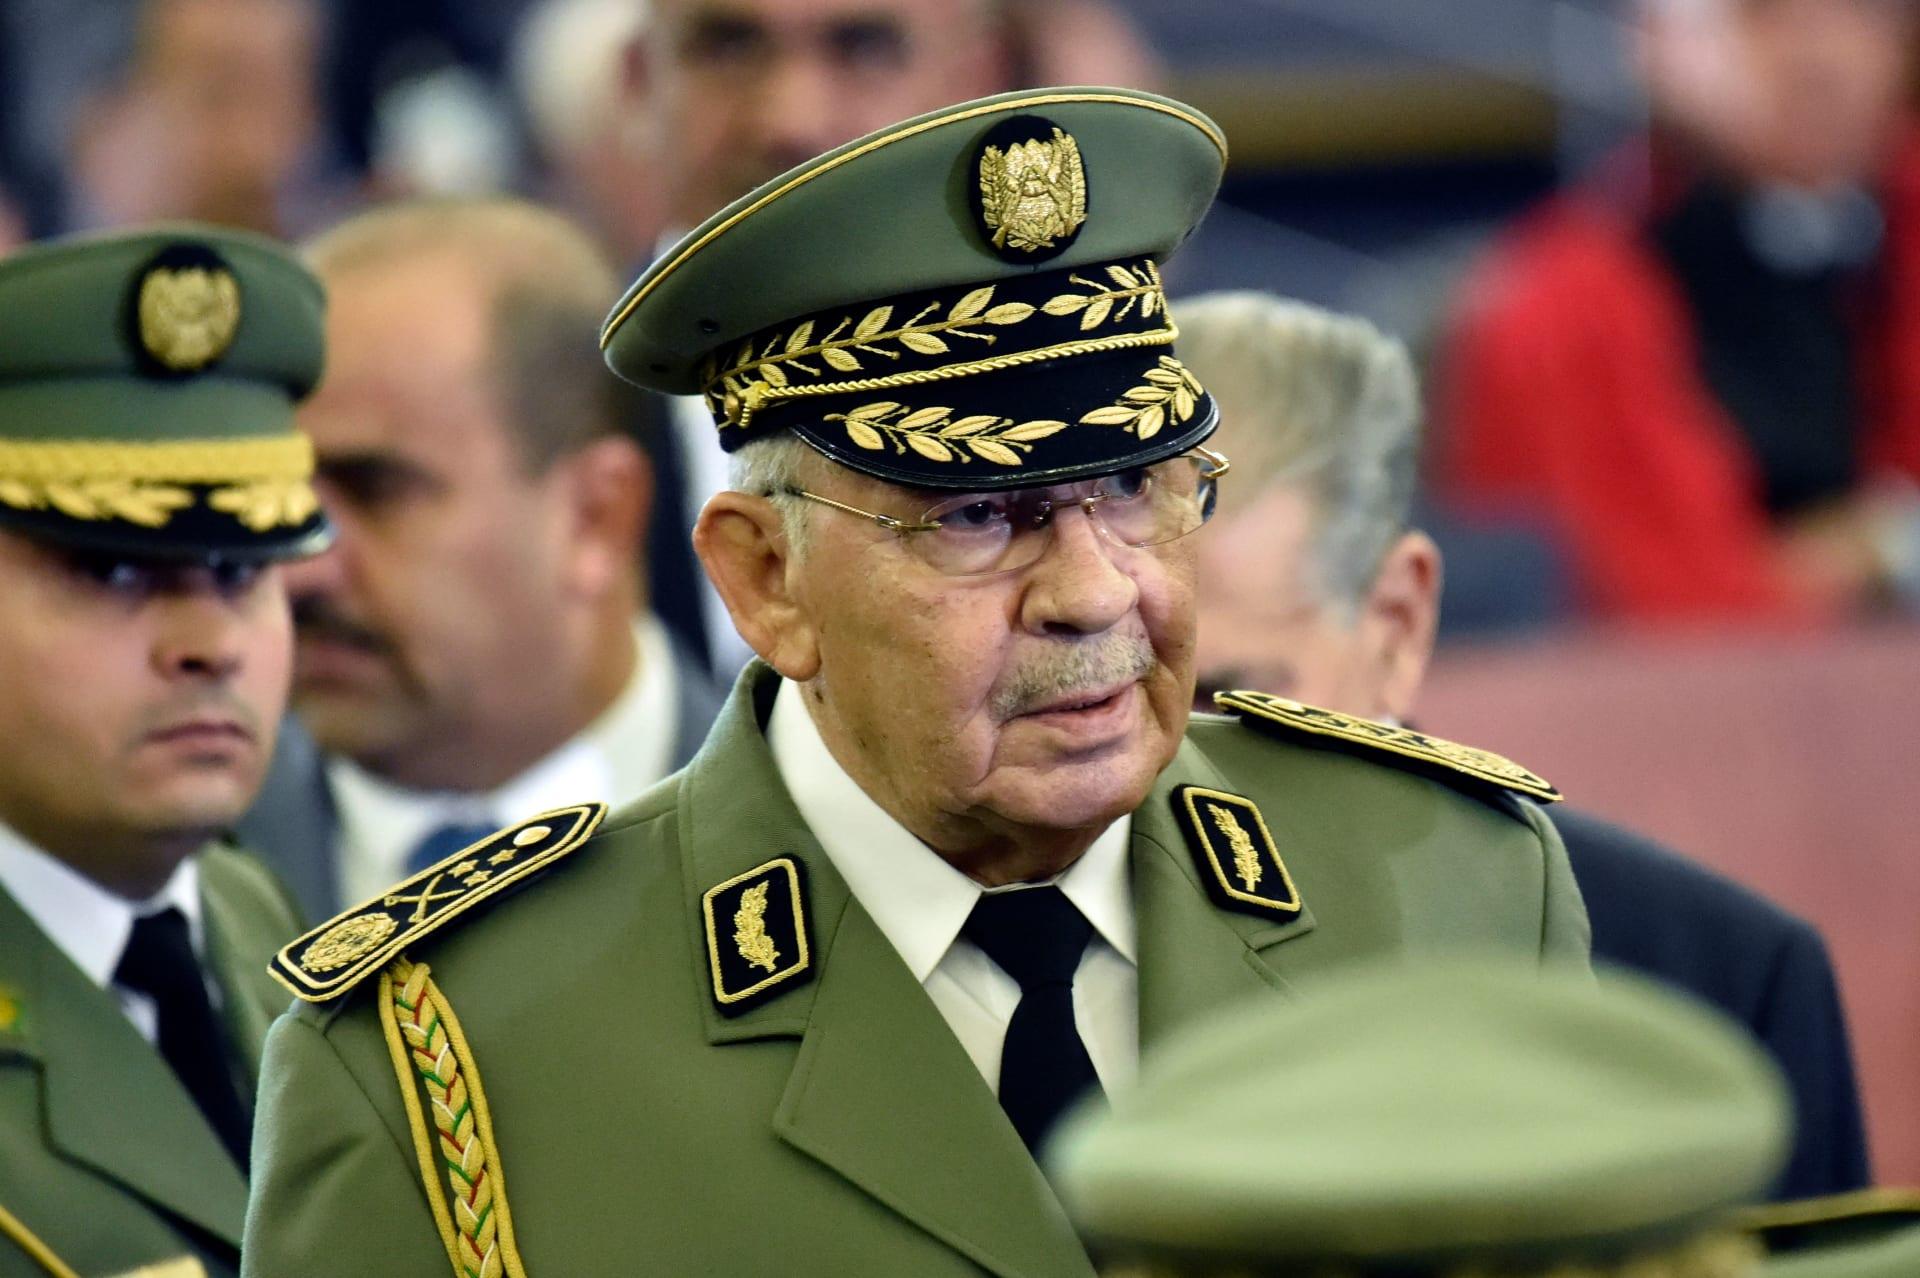 بعد أيام من انتخاب رئيس جديد للبلاد.. وفاة قايد صالح رئيس أركان الجيش الجزائري